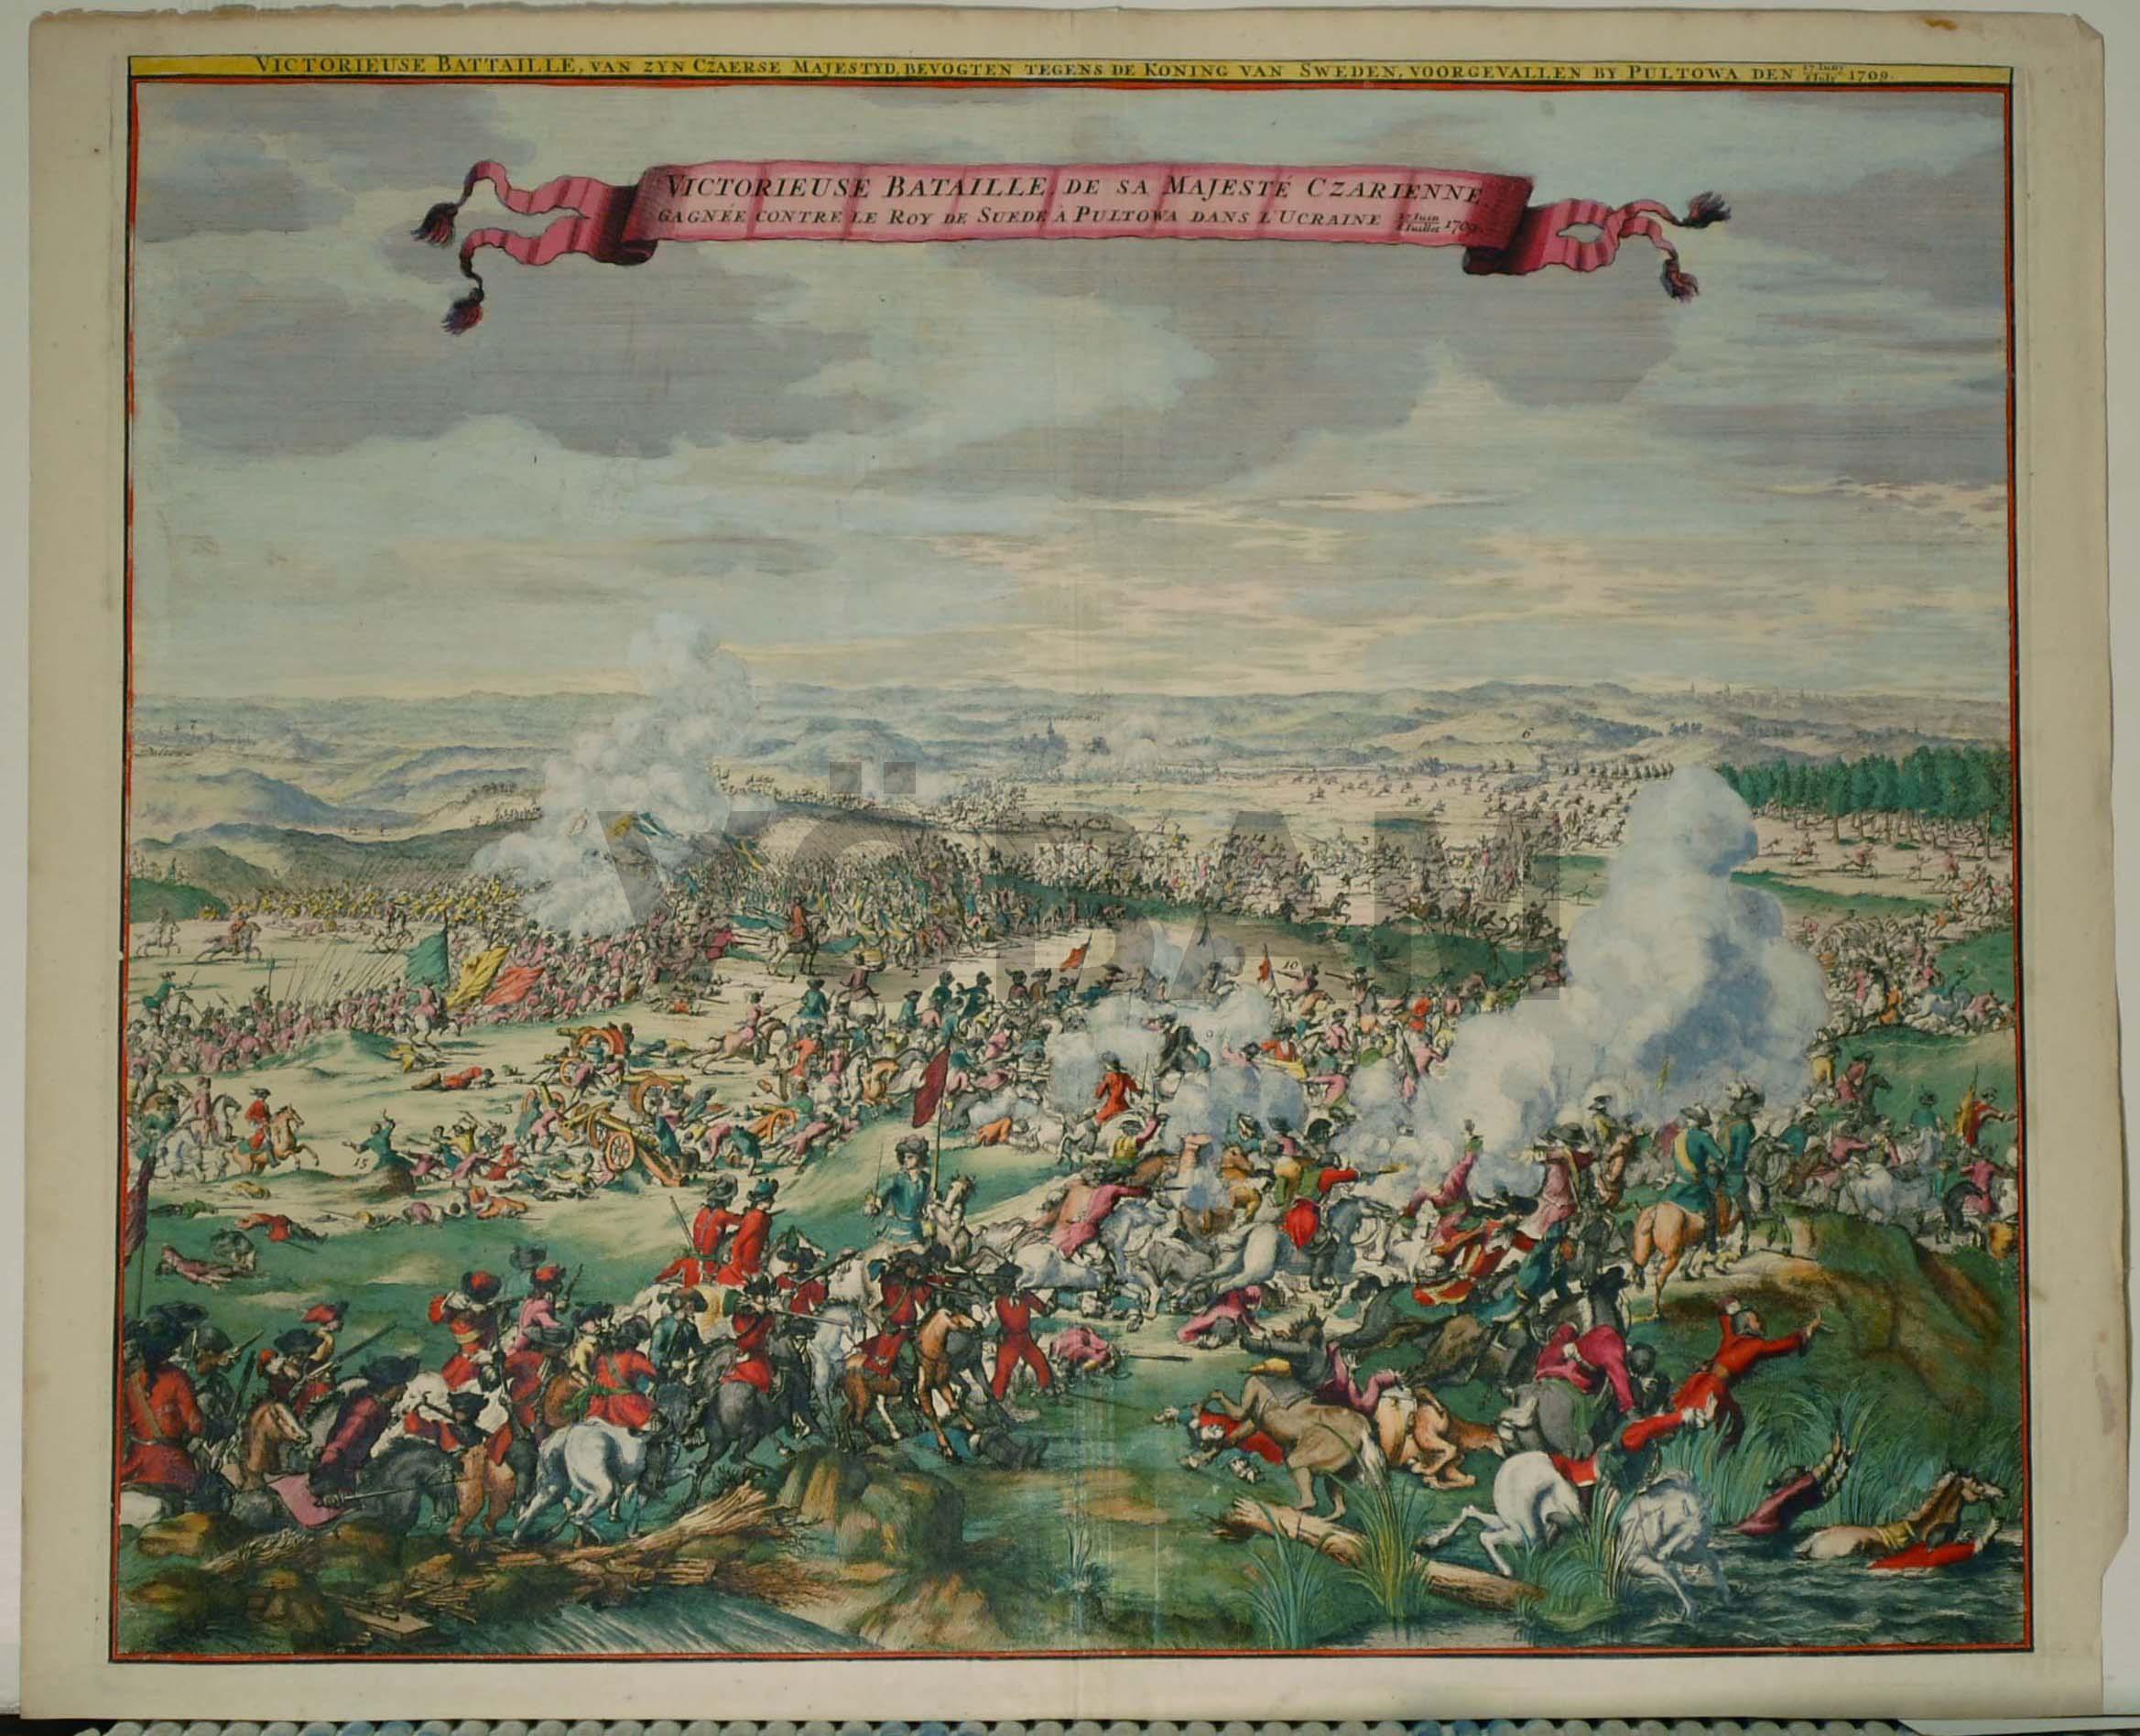 День, картинки полтавская битва